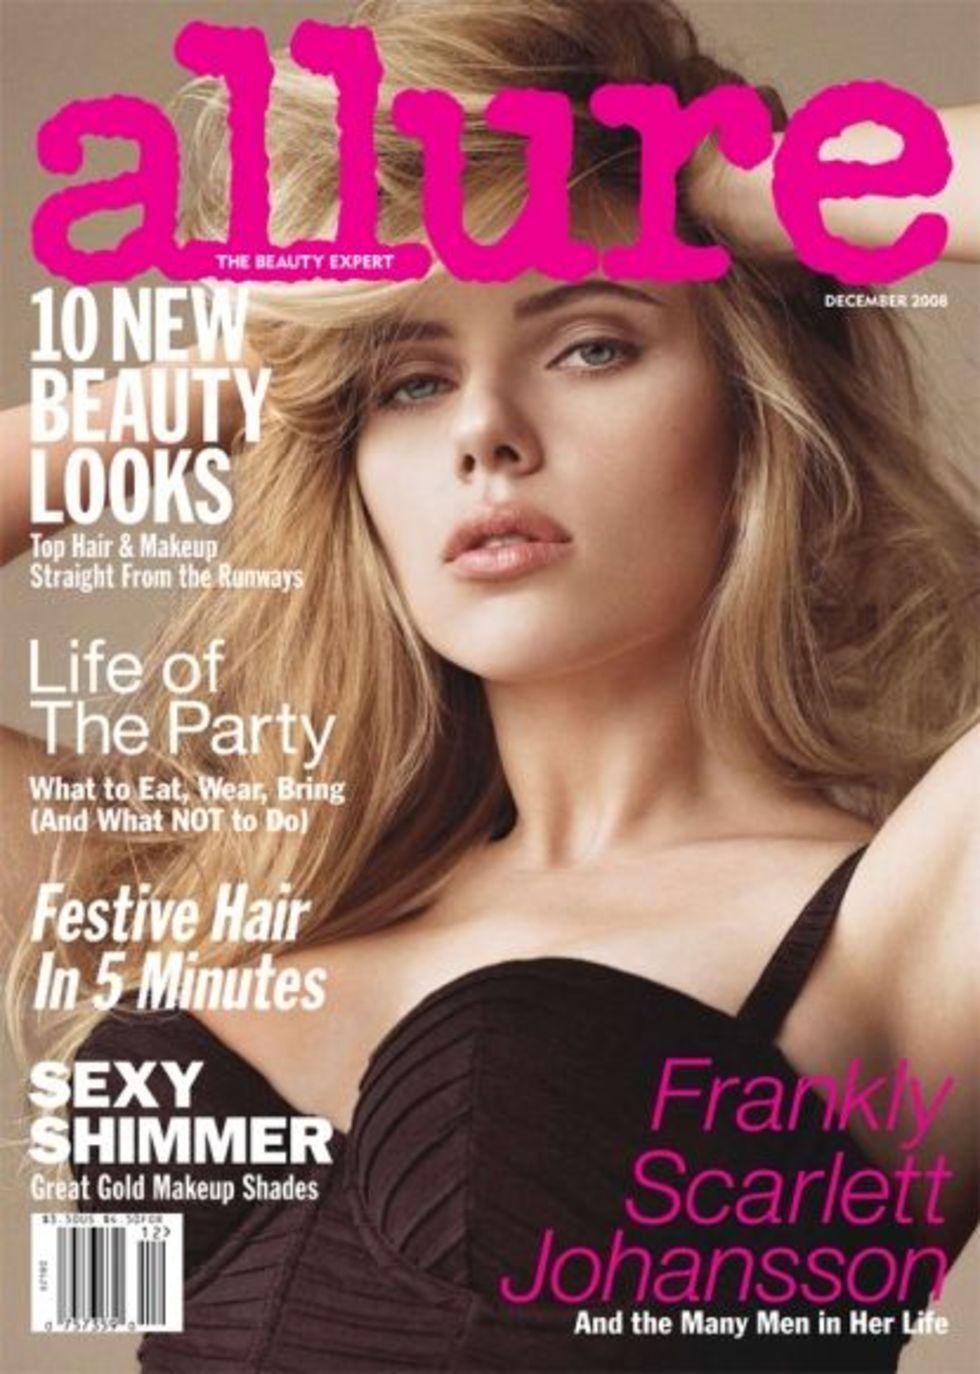 scarlett-johansson-allure-magazine-cover-december-2008-lq-09